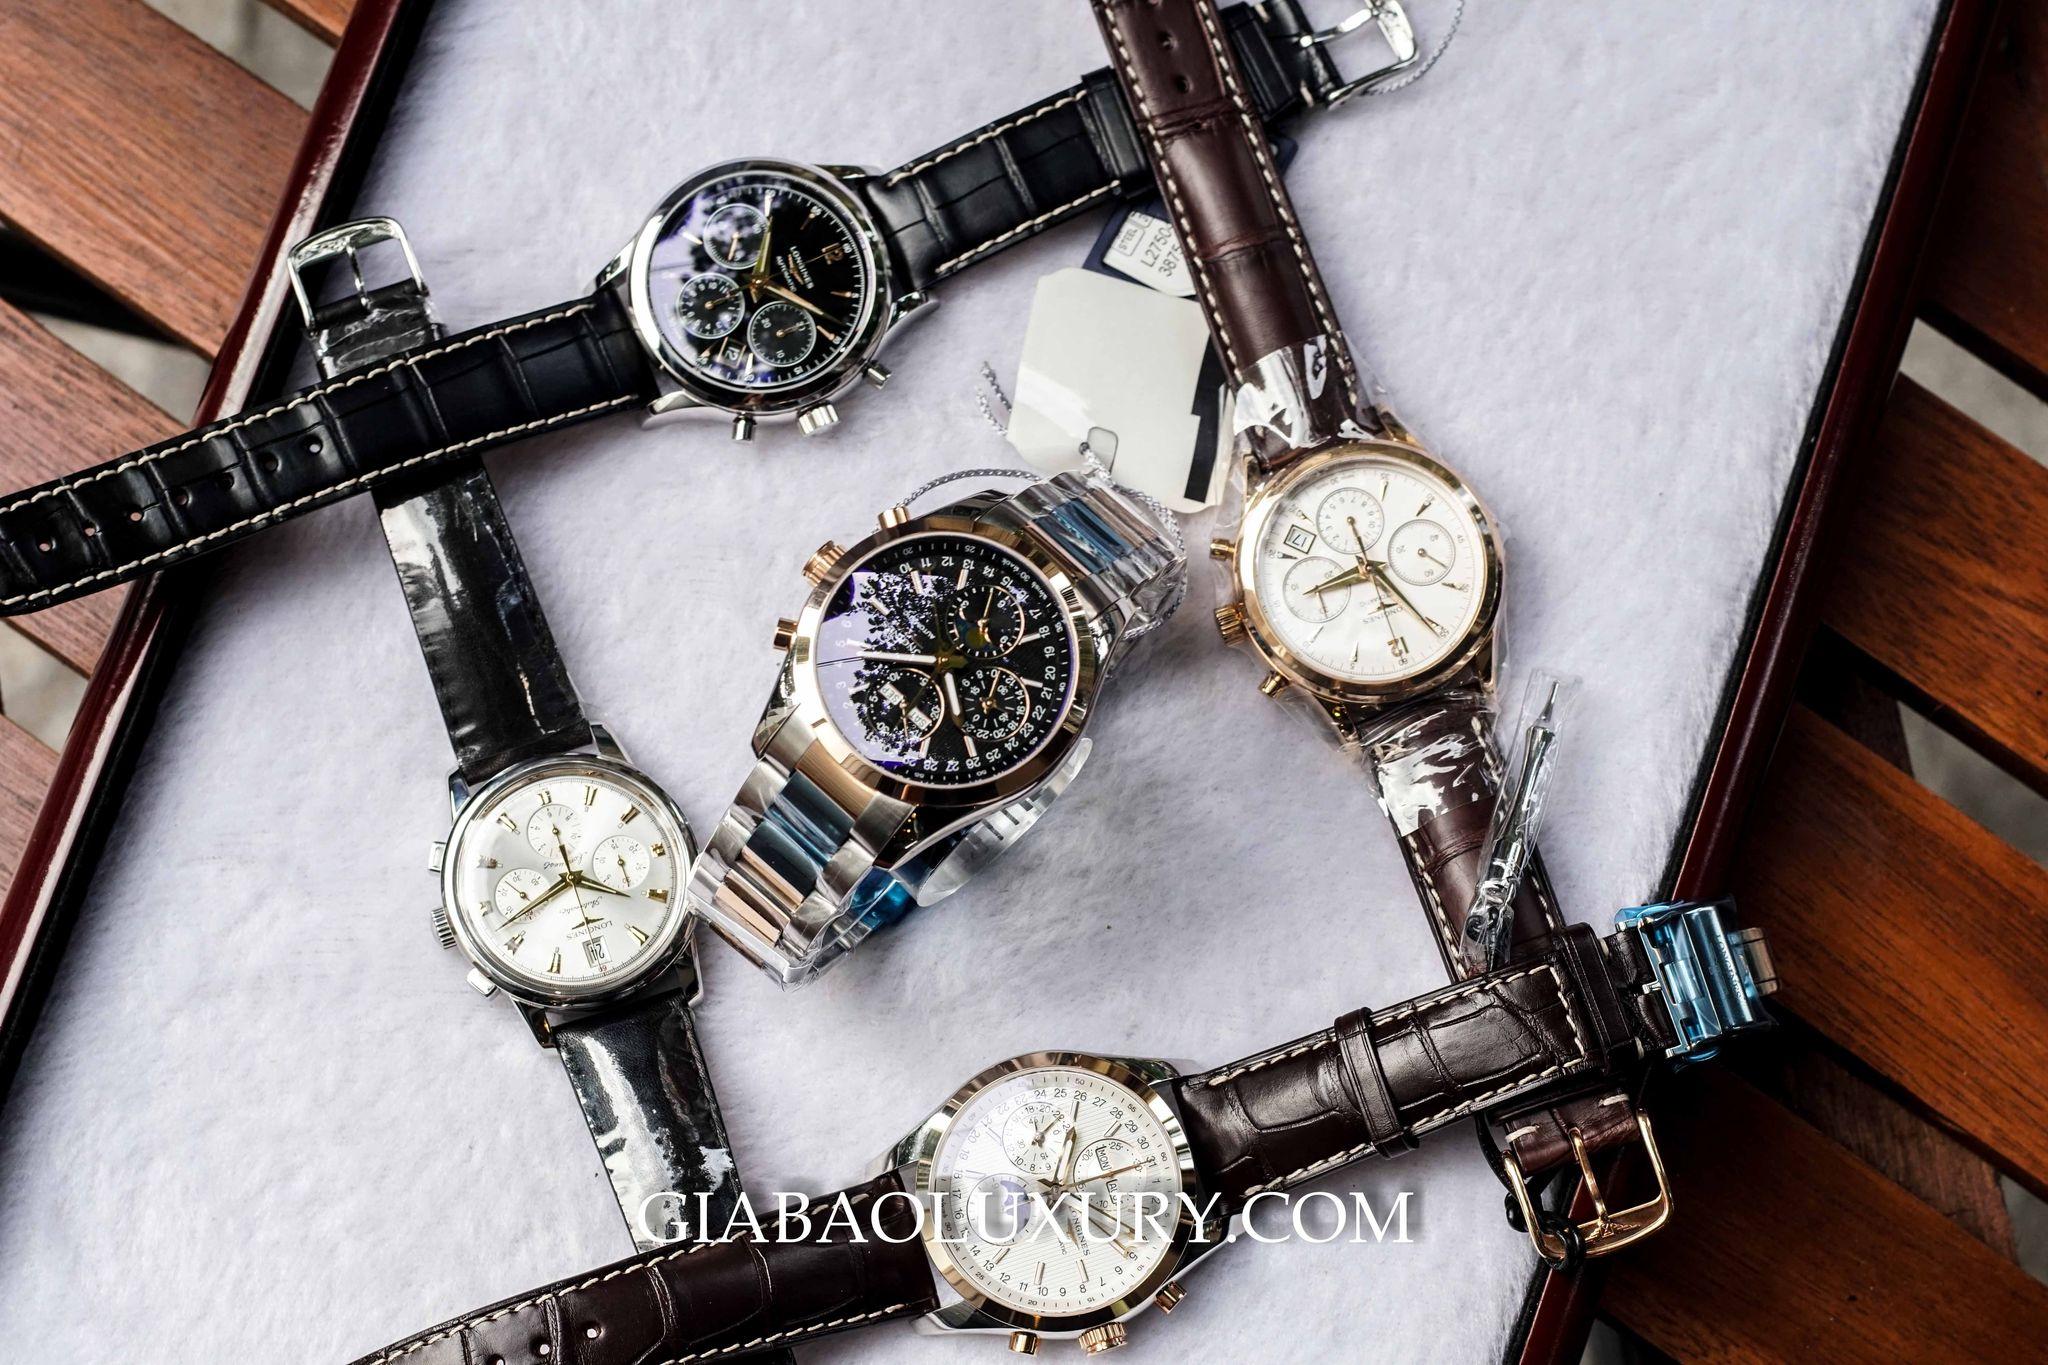 Thu mua đồng hồ Longines chính hãng tại Gia Bảo Luxury